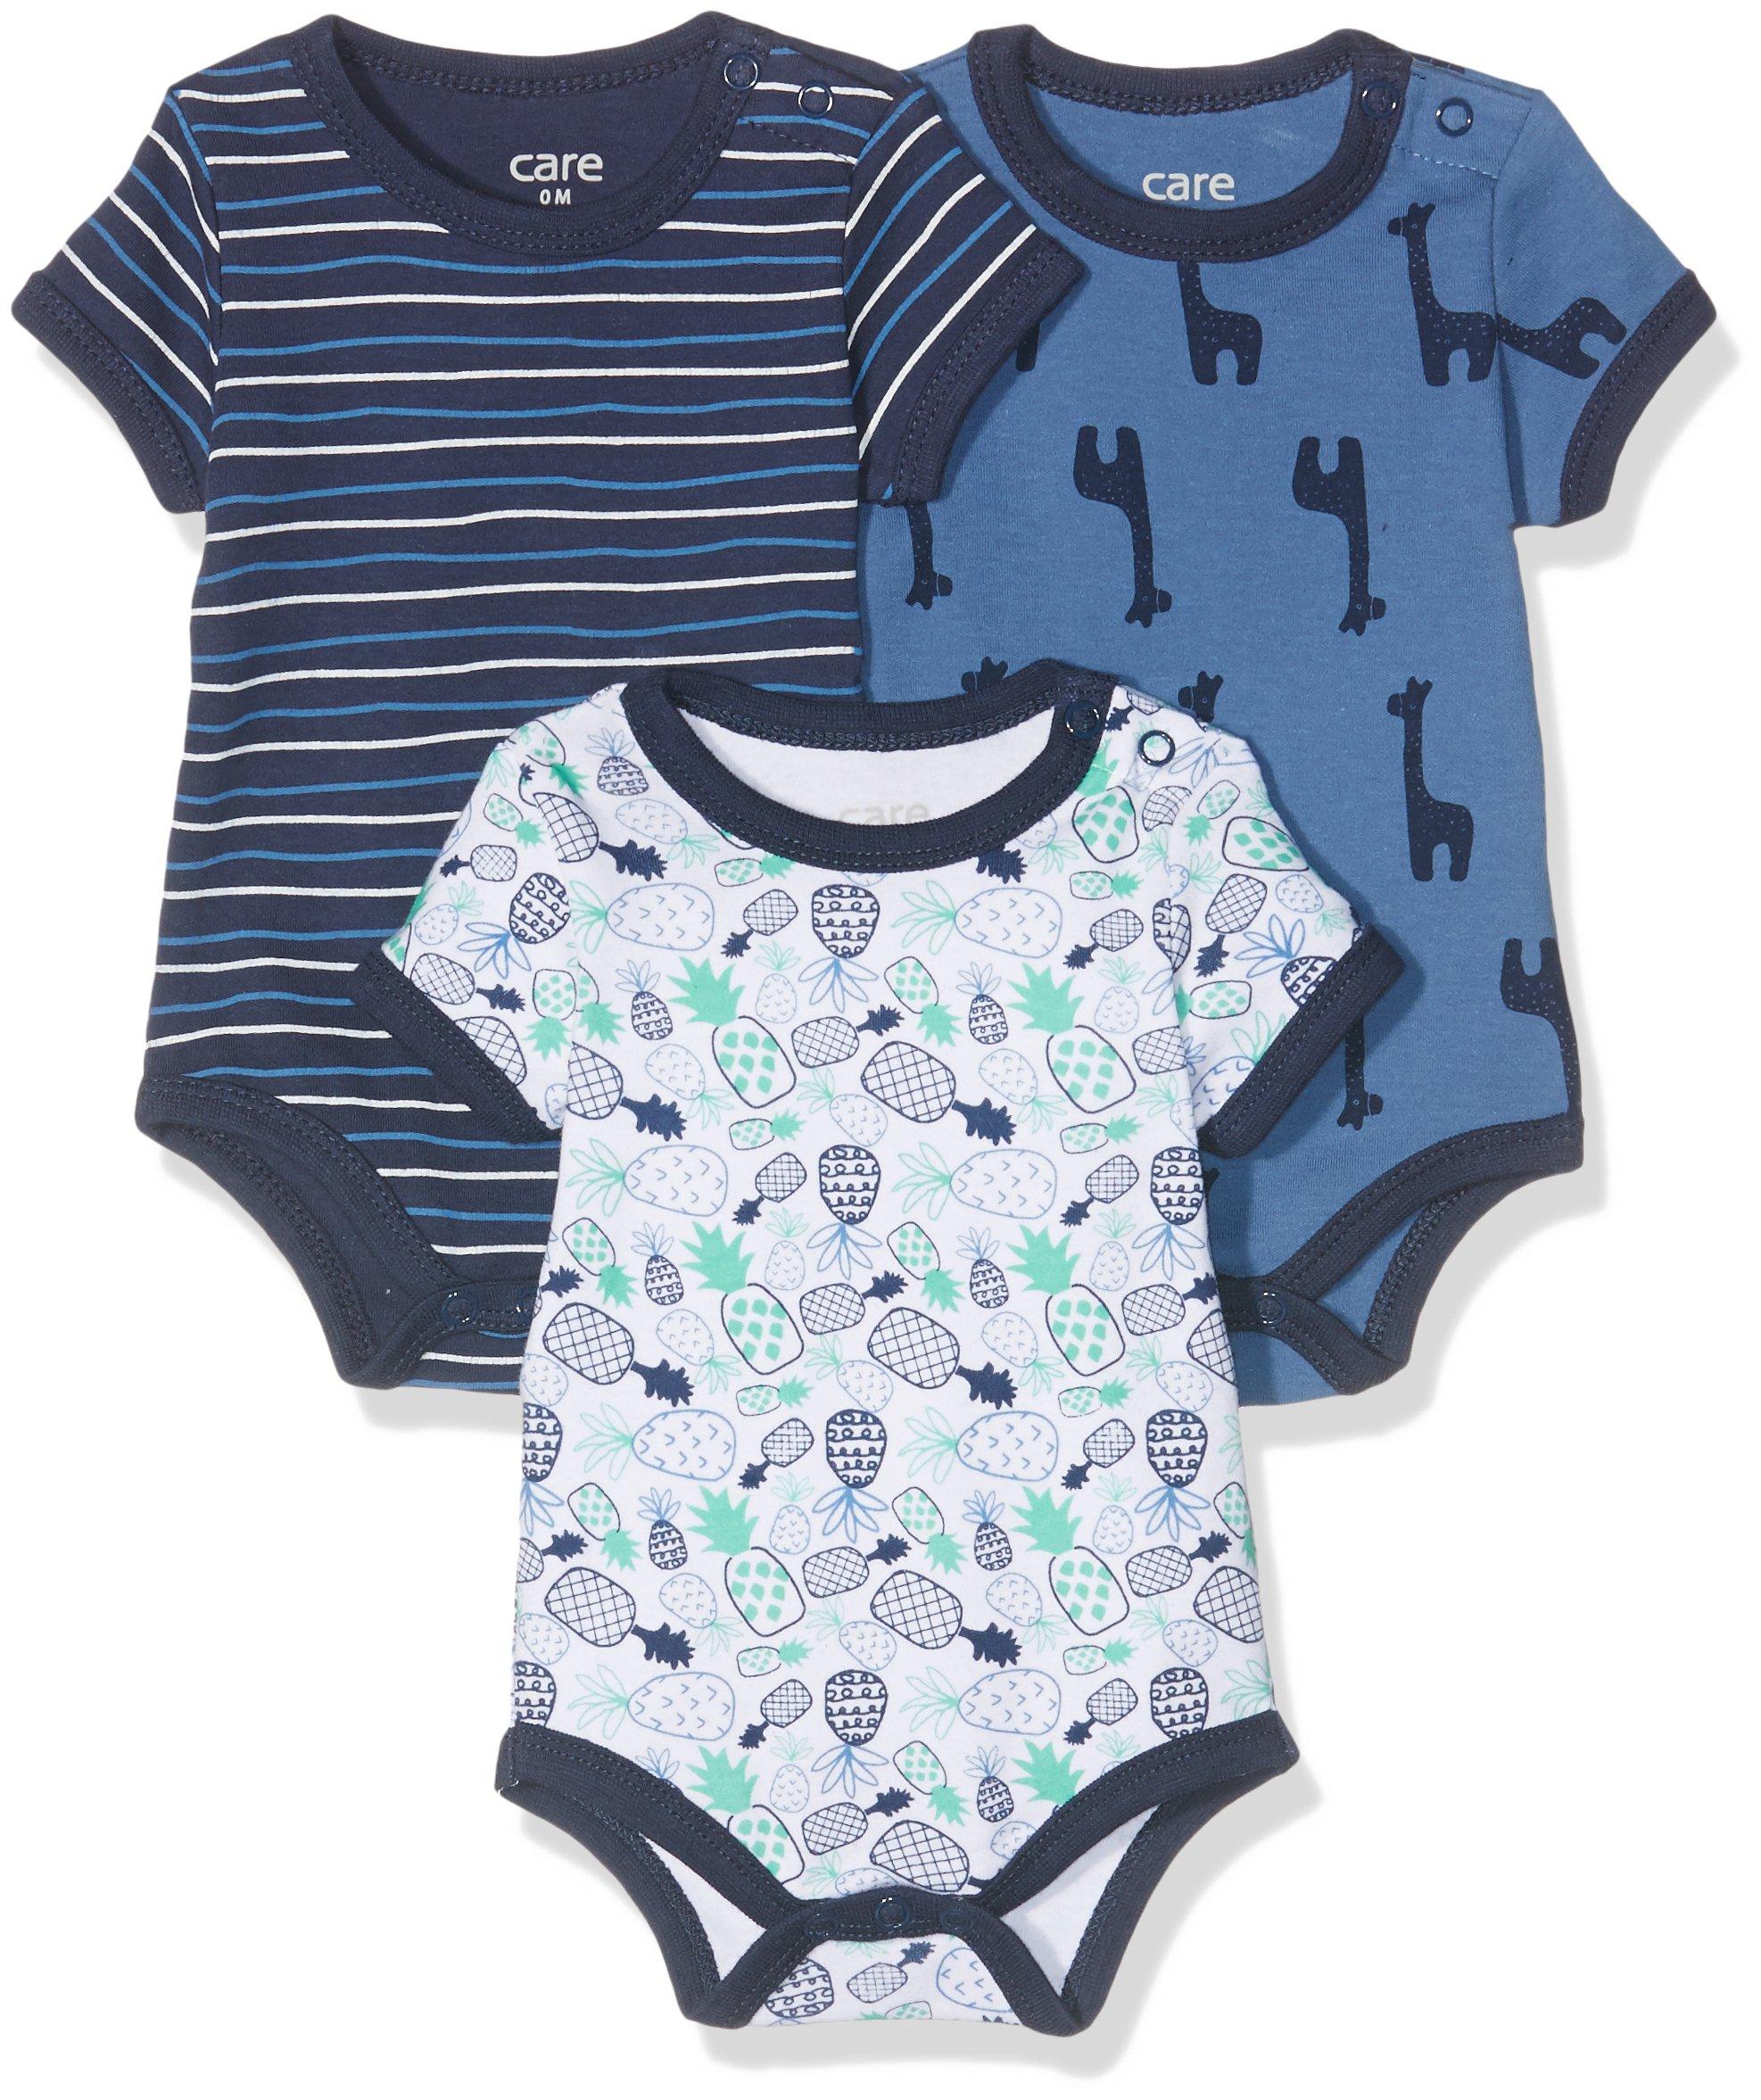 Care Body Bebé-Niñas, Pack de 3